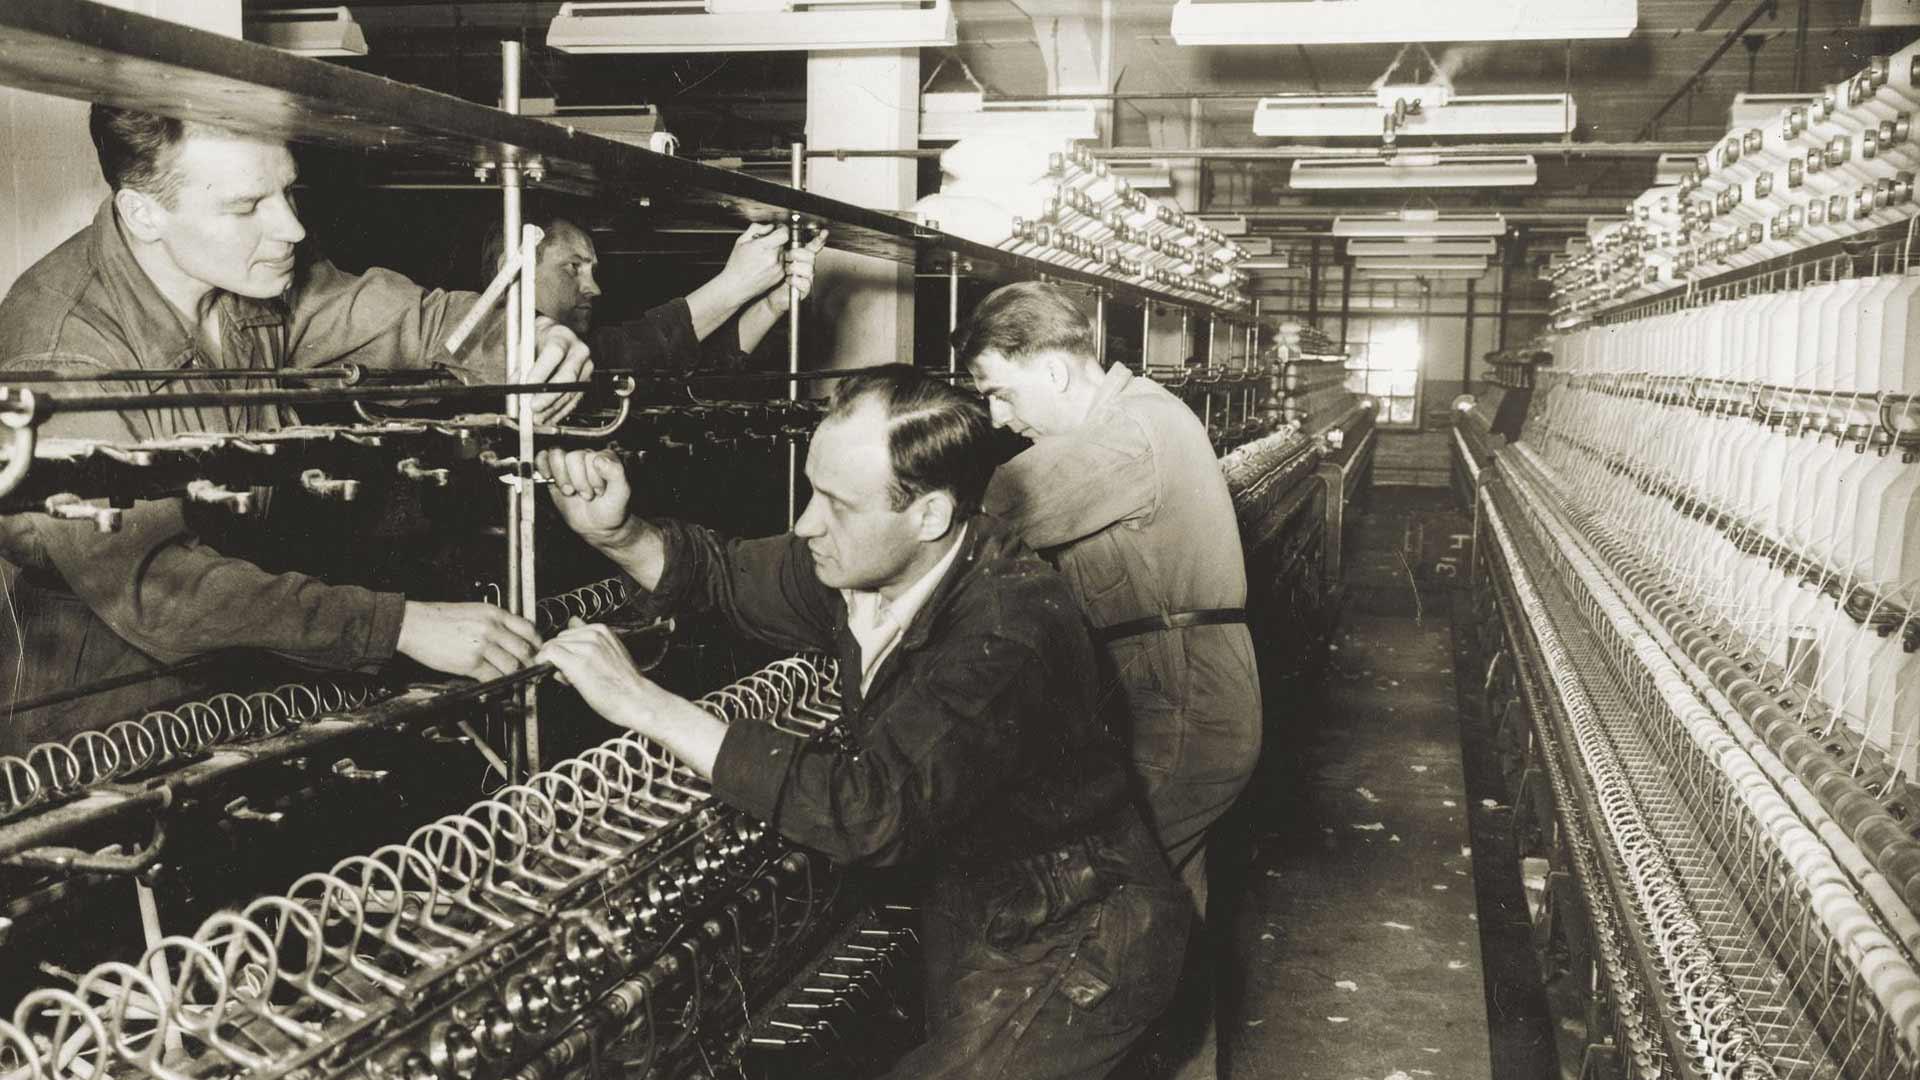 Kirjoittamisen alkuvuosina Väinö Linna teki päivätyötä karstaajana Finlaysonin tehtaalla.